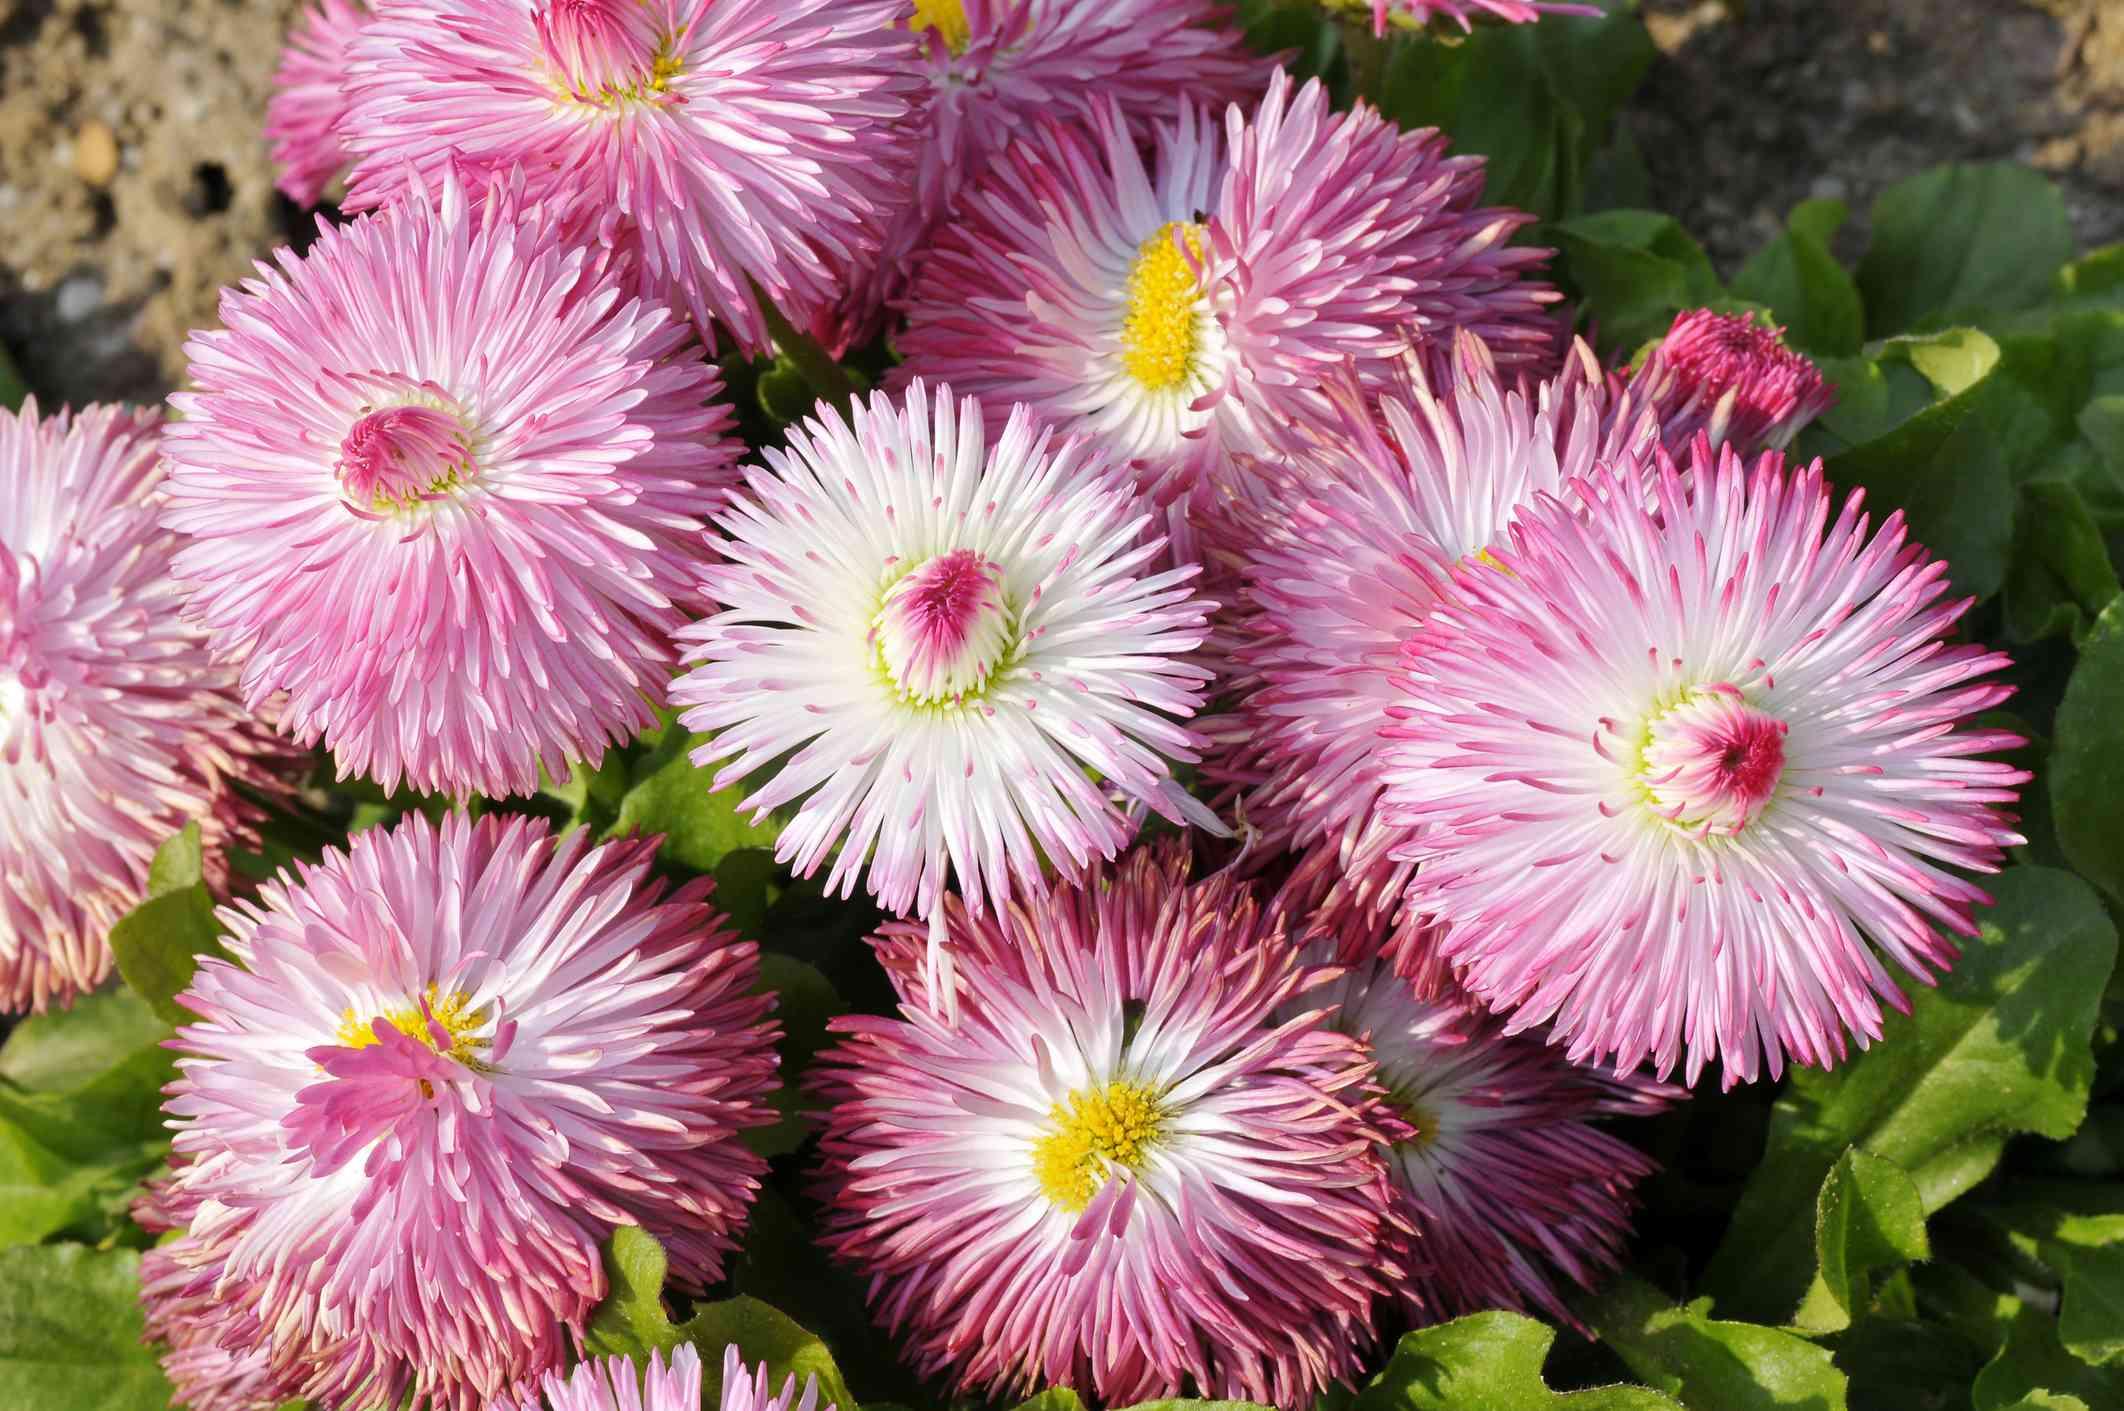 English daisy 'Habanera' variety